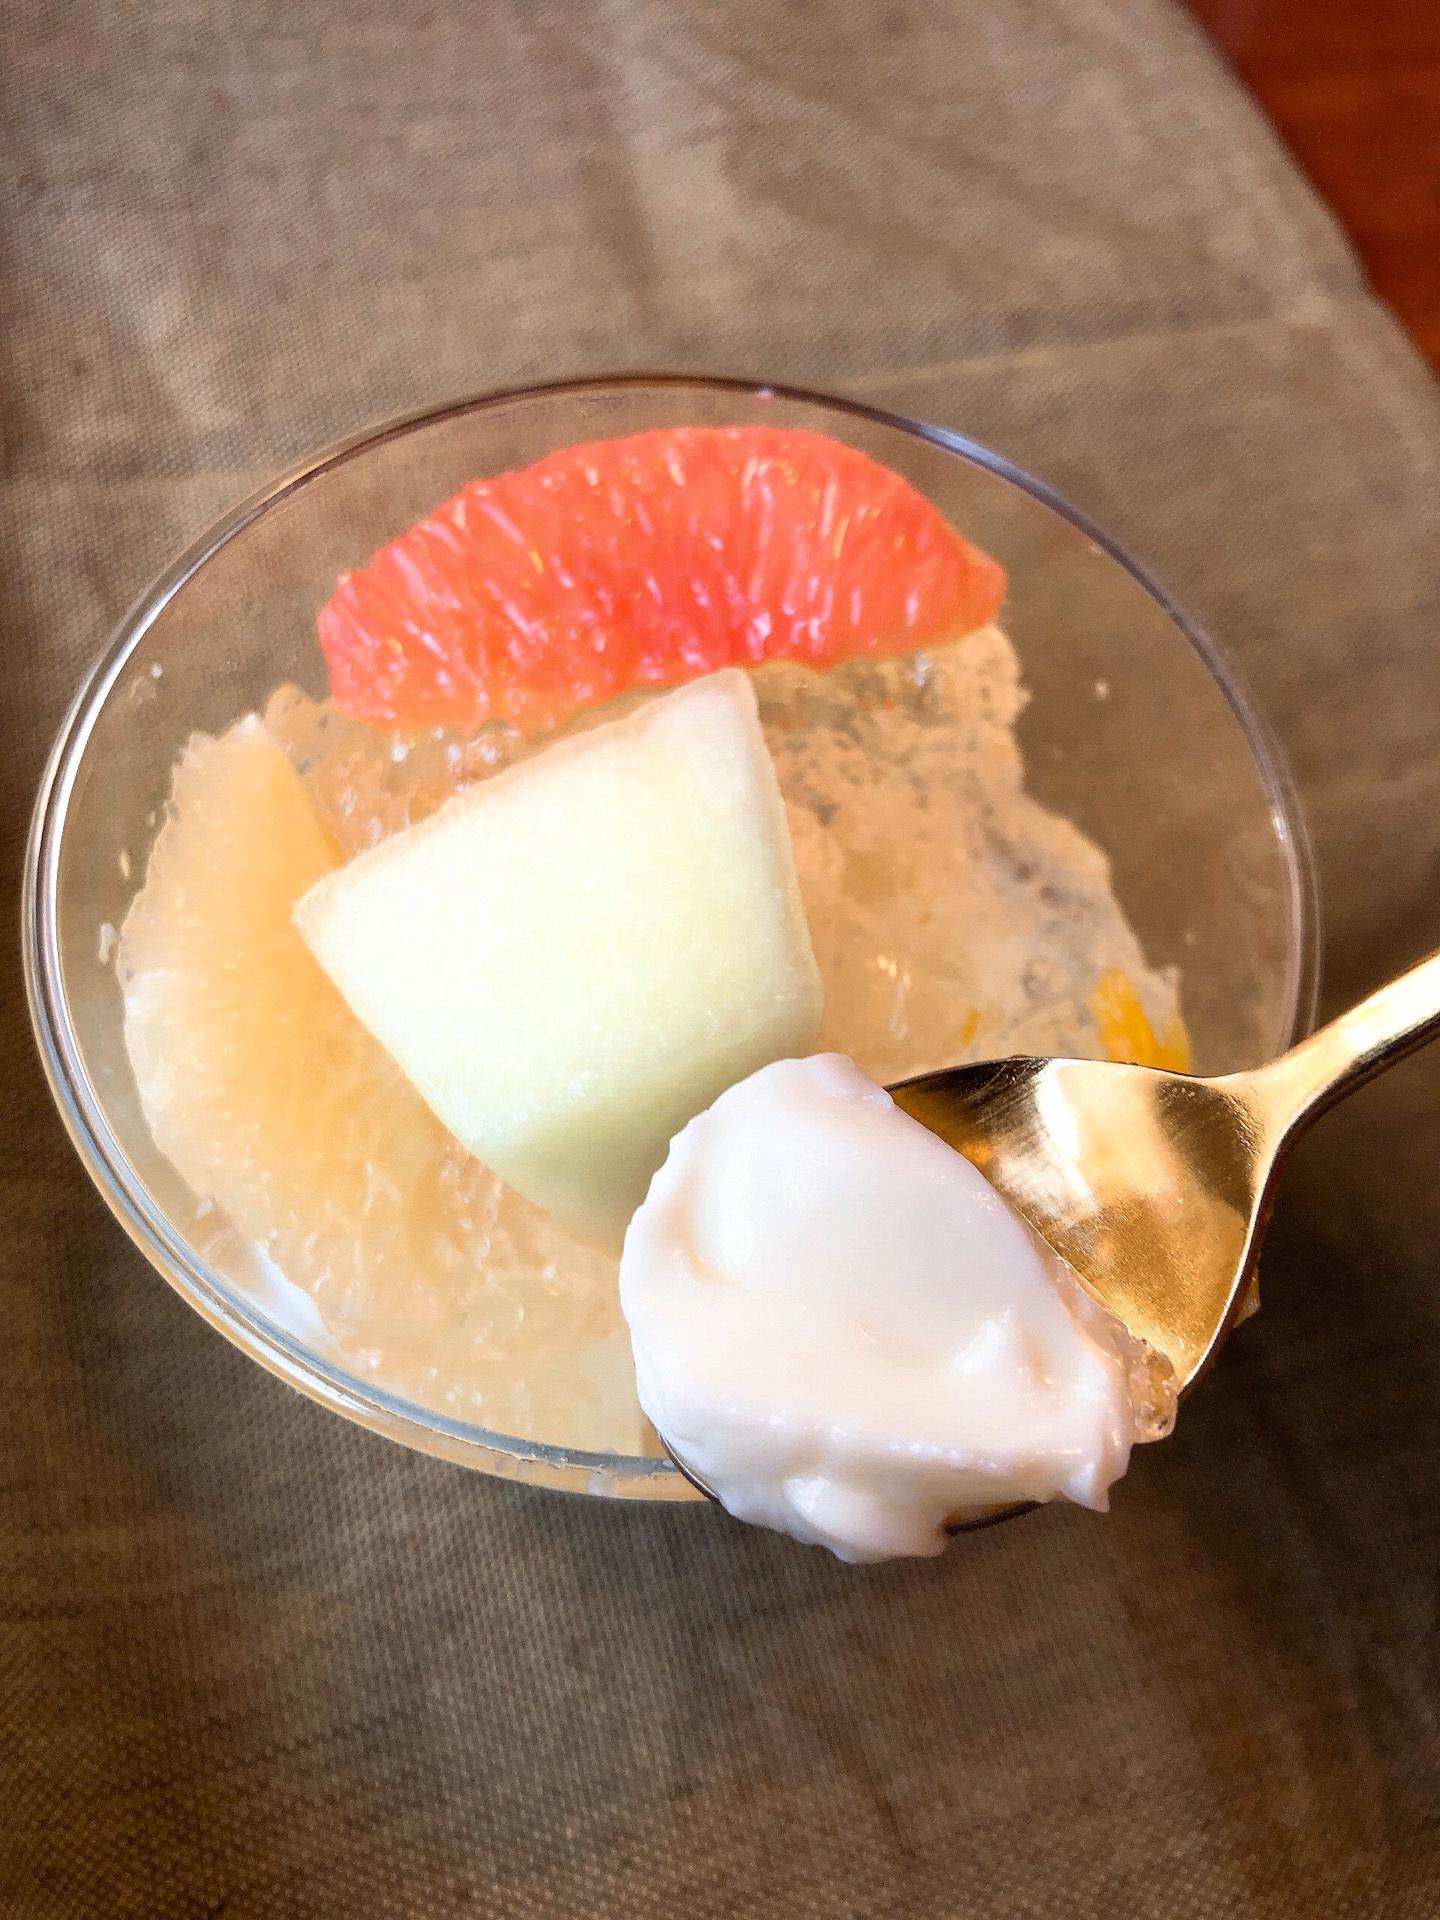 【成城石井】フレッシュ柑橘とメロンの杏仁豆腐